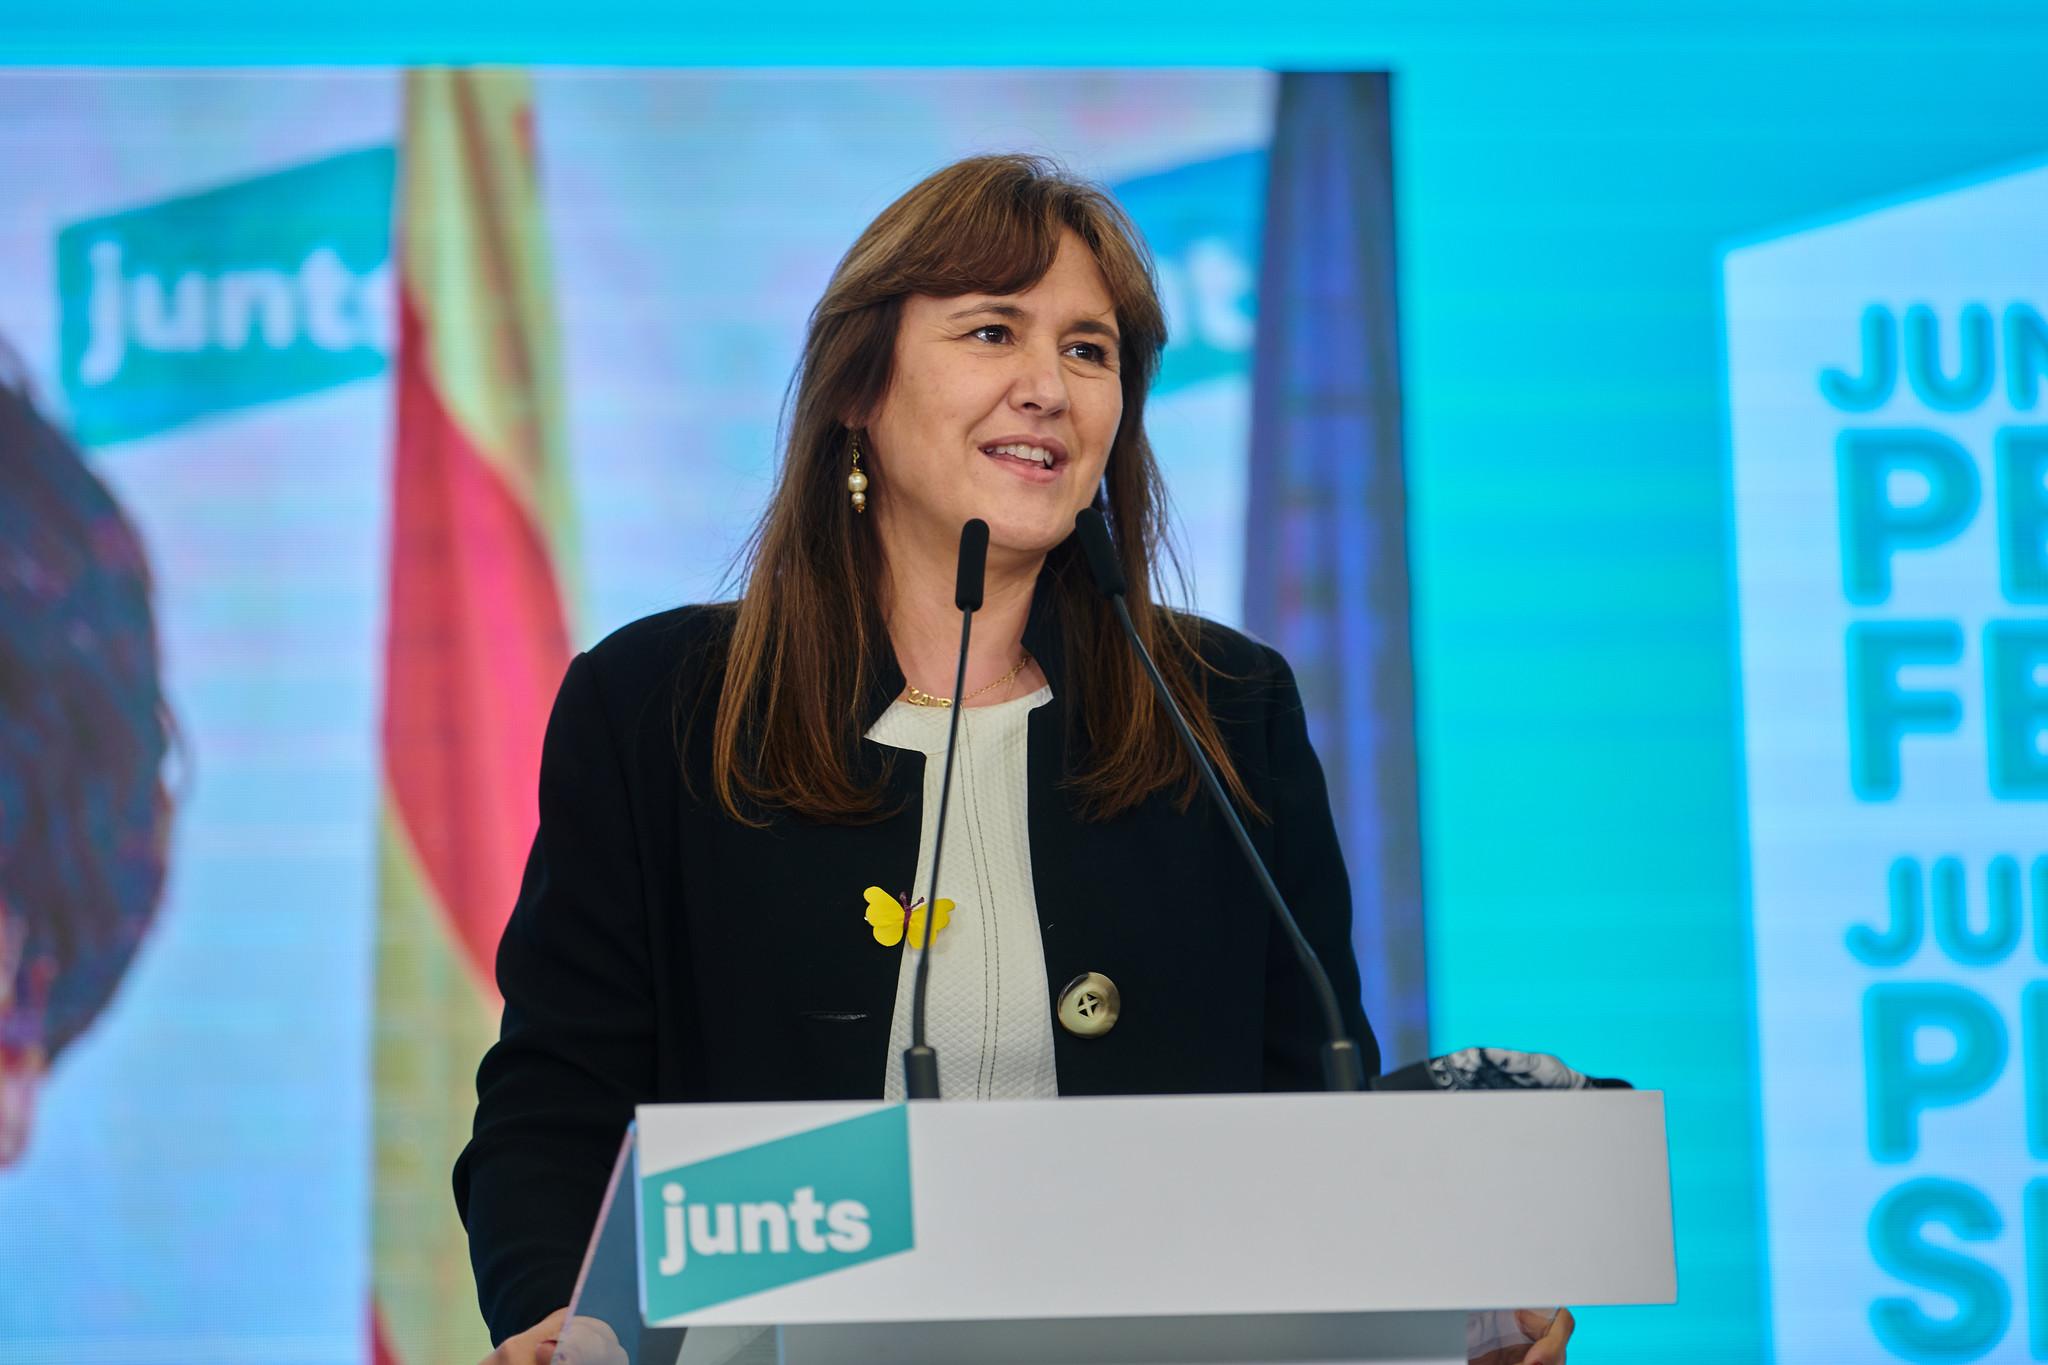 La líder de JxCat, durante la noche electoral del 14-F / Julio Díaz (JxCat)